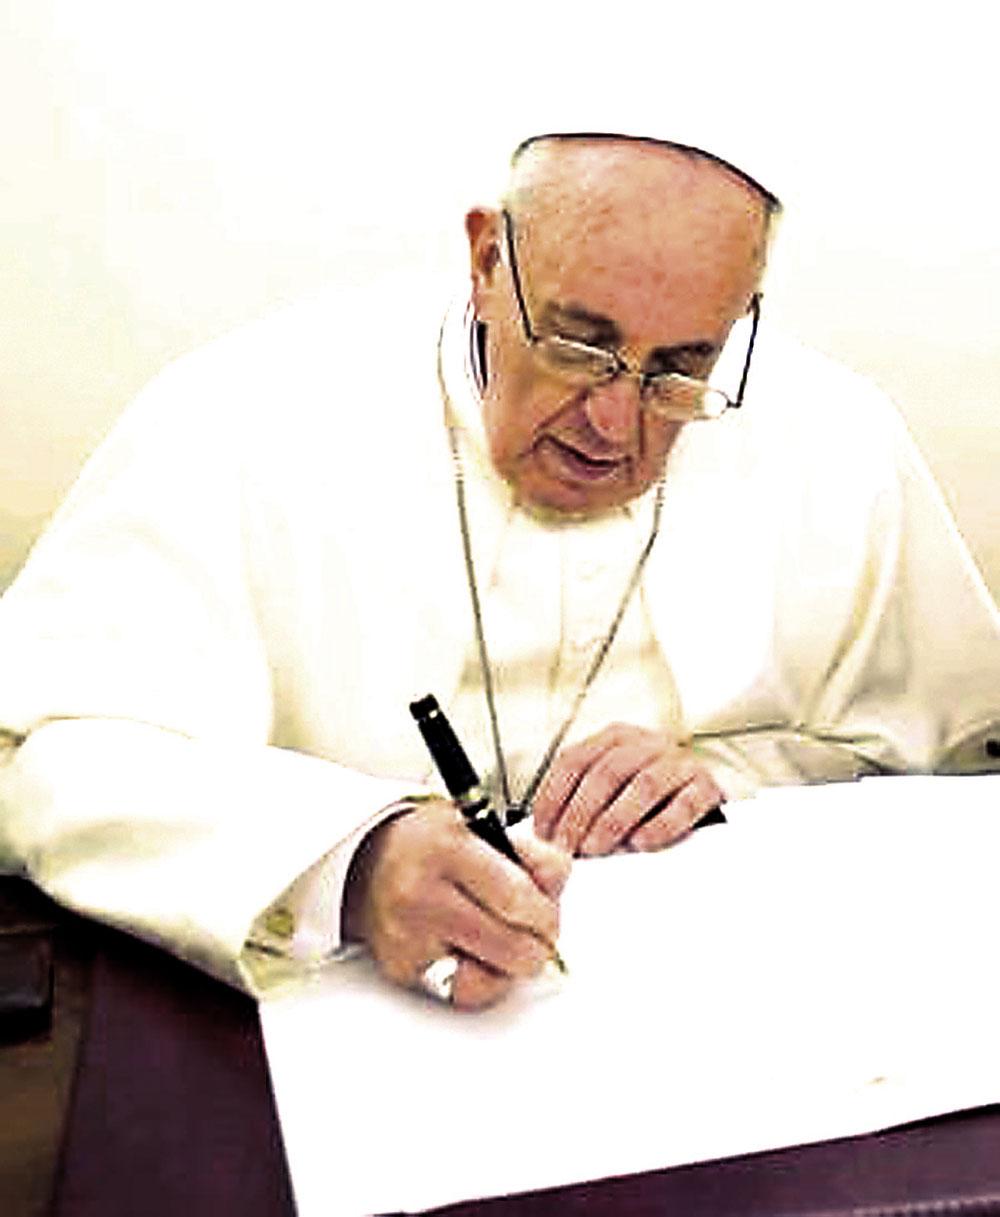 Anulacion Matrimonio Catolico Barranquilla : No es lo mismo nulidad que anulación del matrimonio